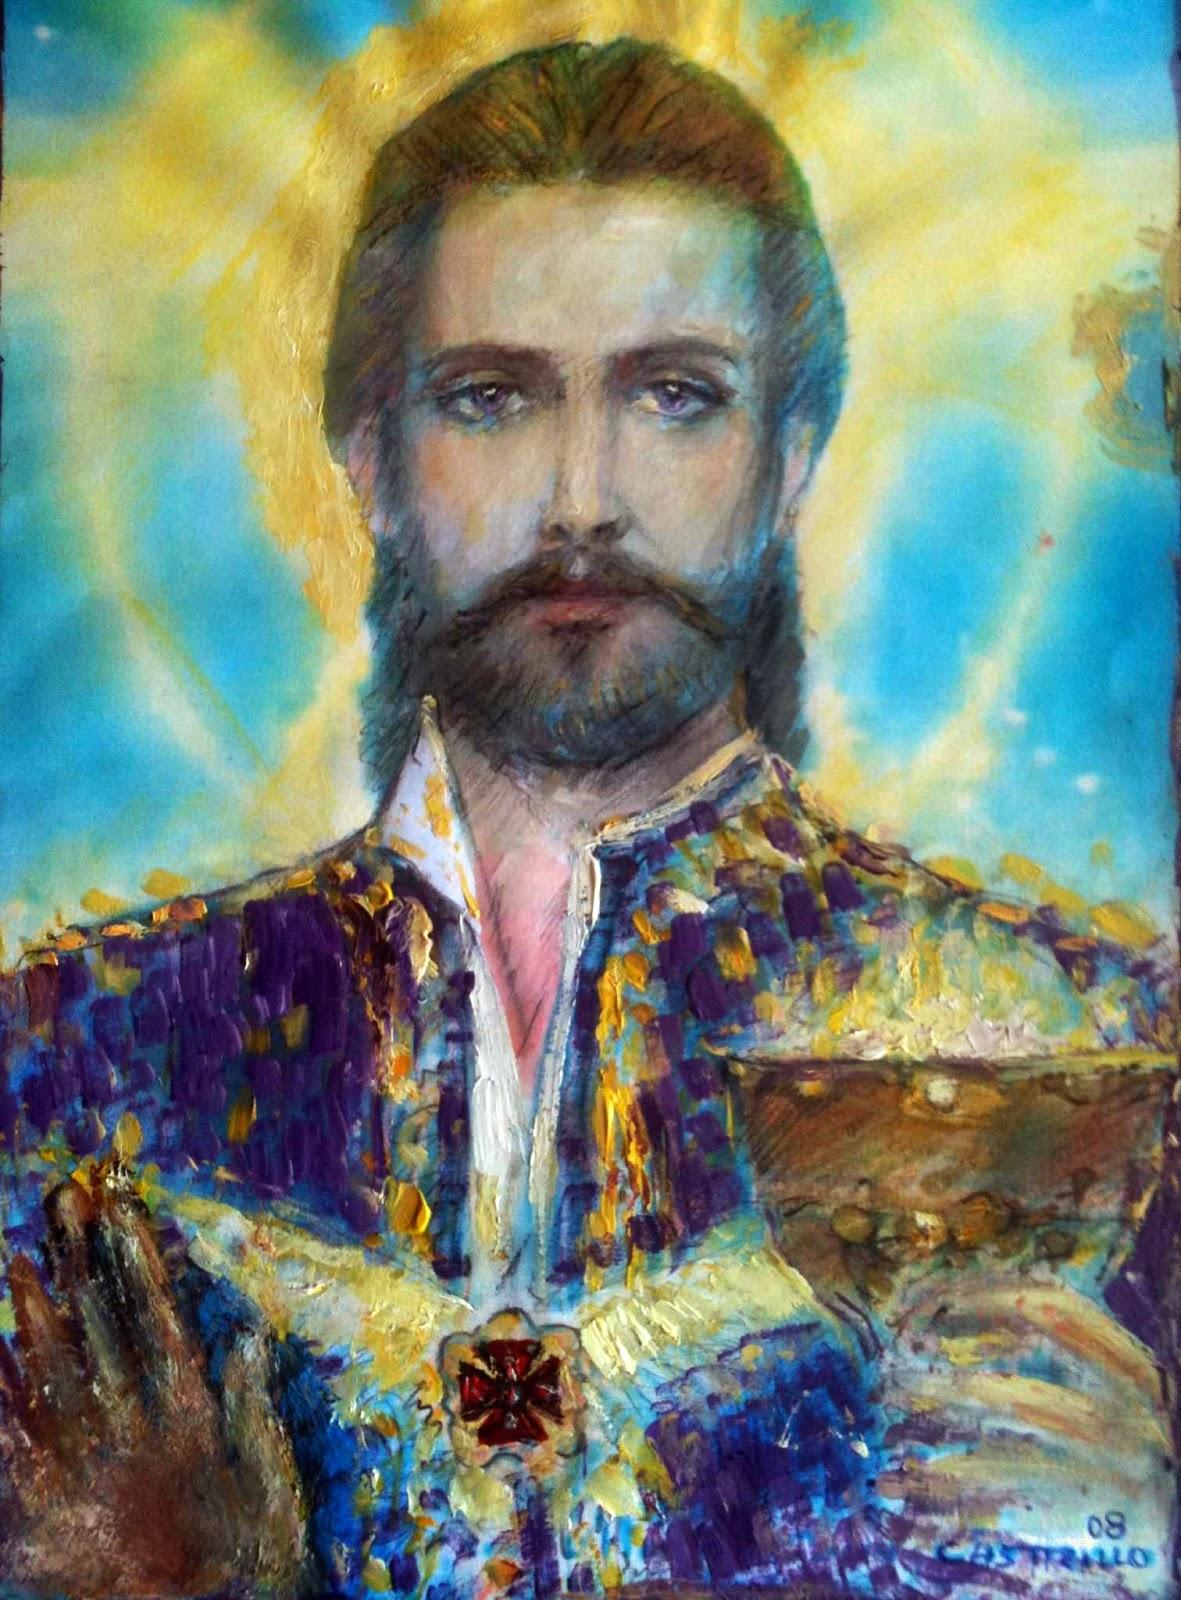 Mensaje de saint germain y comandante ashtar sheran for La quincaillerie saint germain